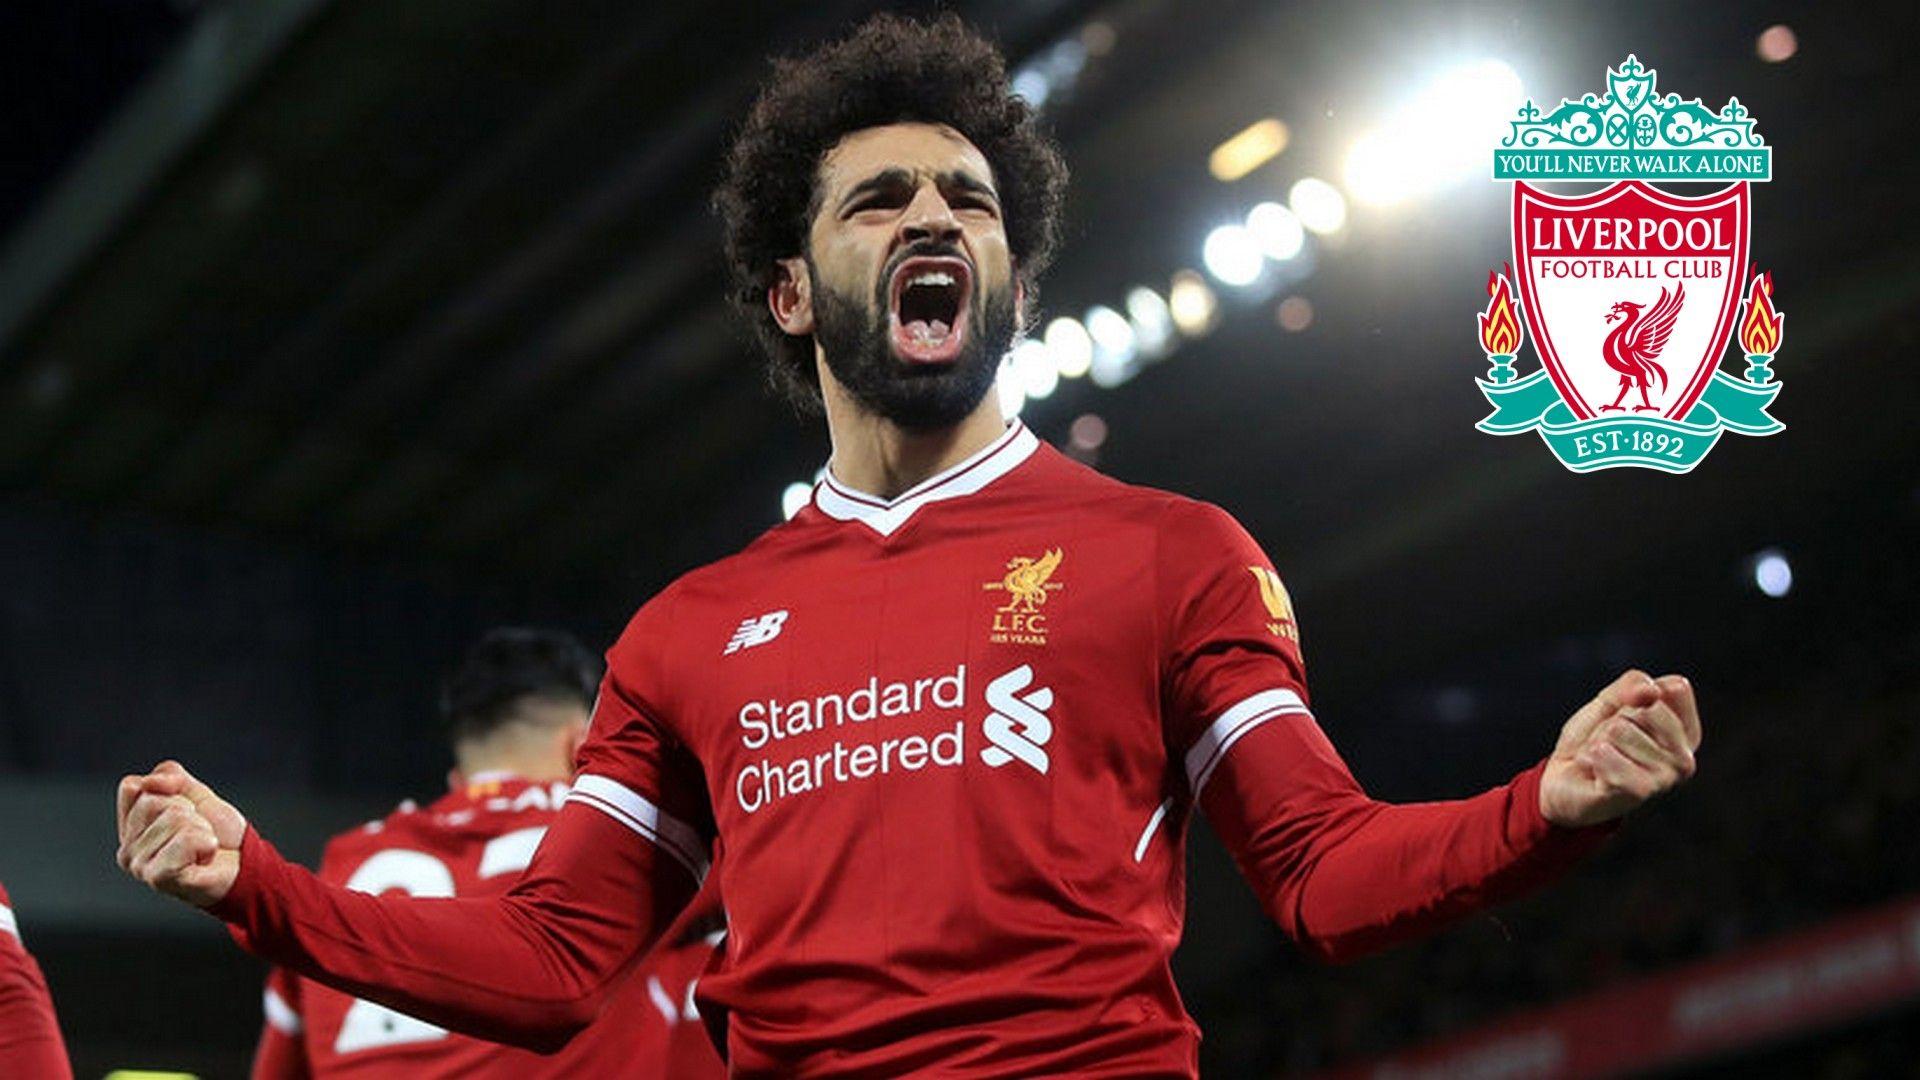 Liverpool Mohamed Salah Wallpaper